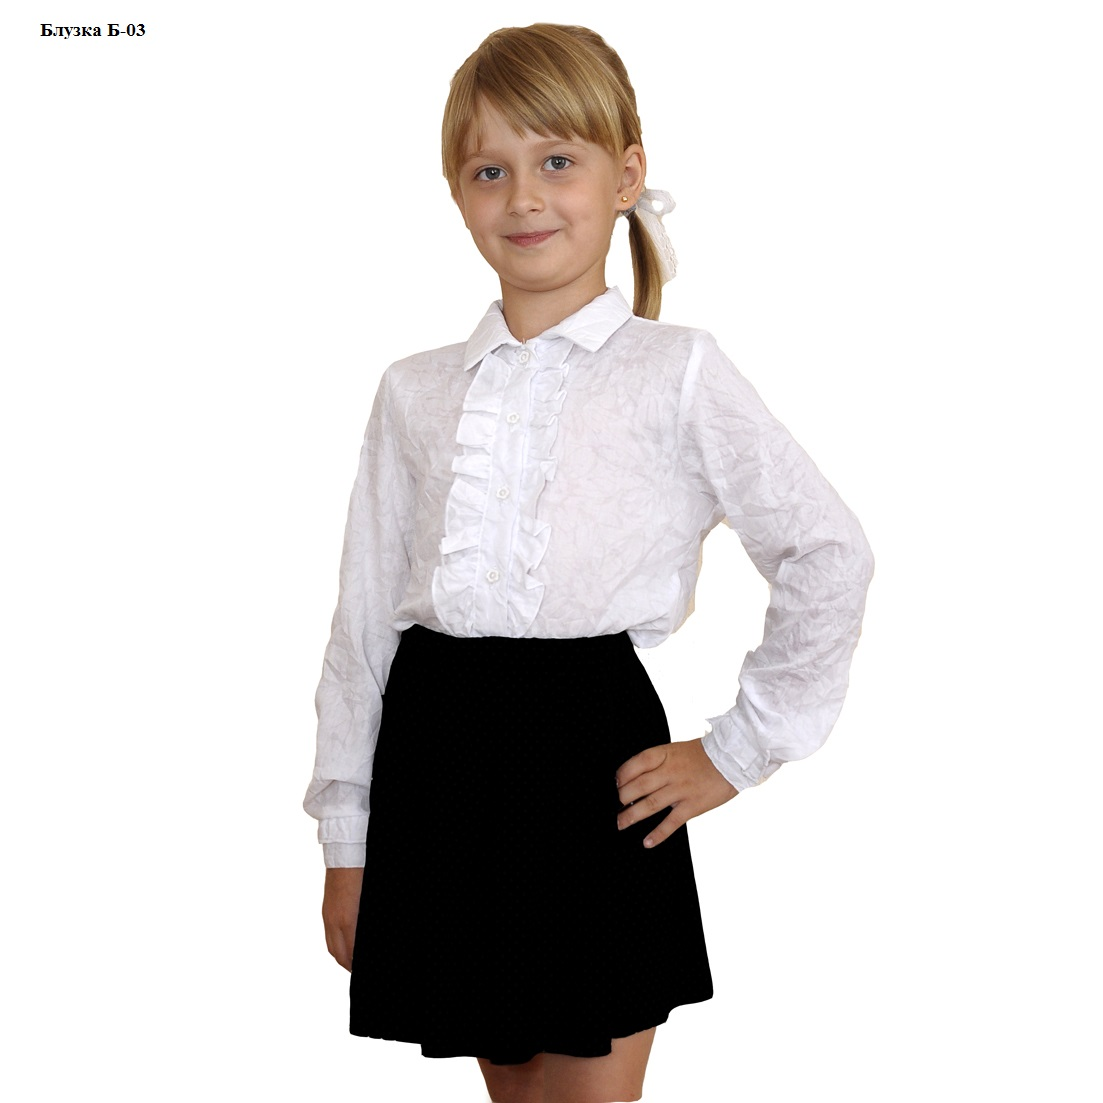 Дешевые Школьные Блузки Хлопок